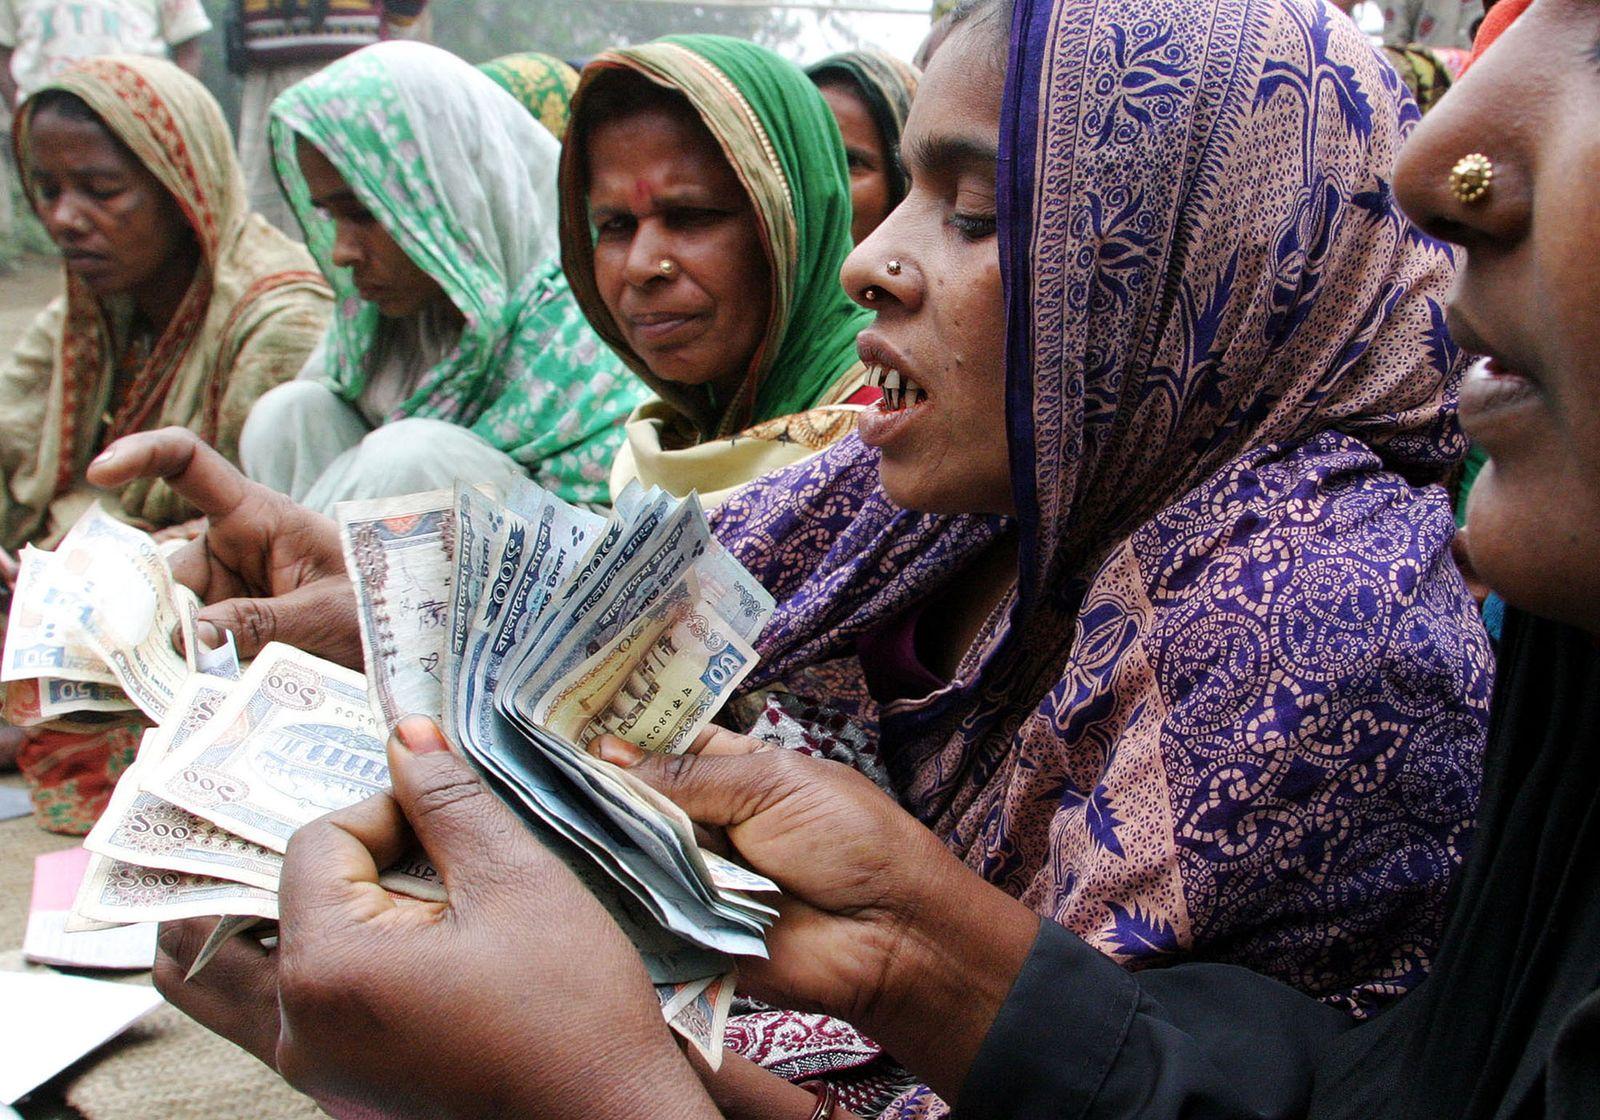 Bangladesch / Frauen / Mikrofinanzbank